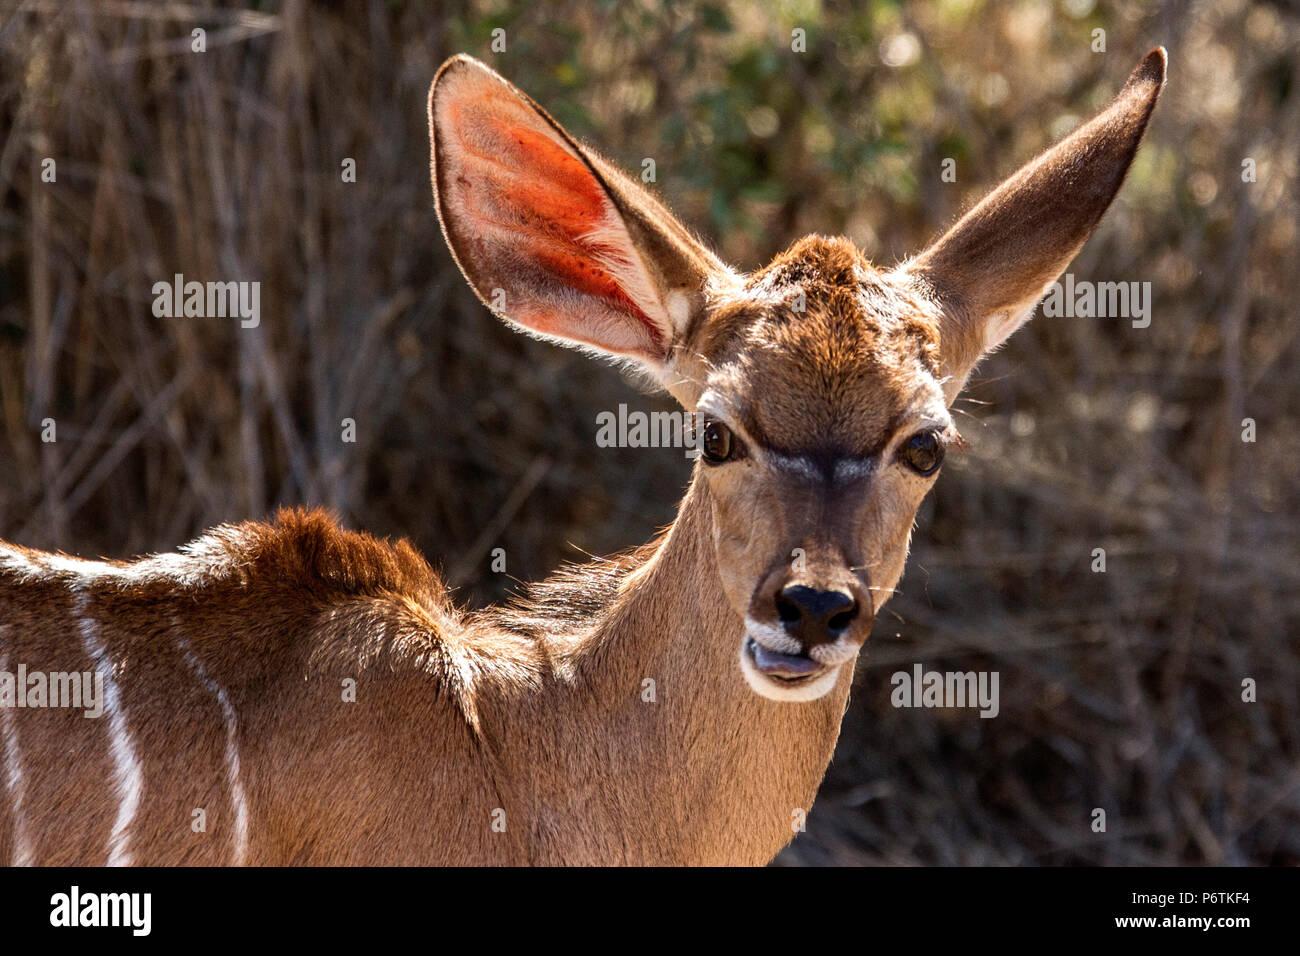 Baby Kudu - Tragelaphus strepsiceros - in the Namibian bush. - Stock Image